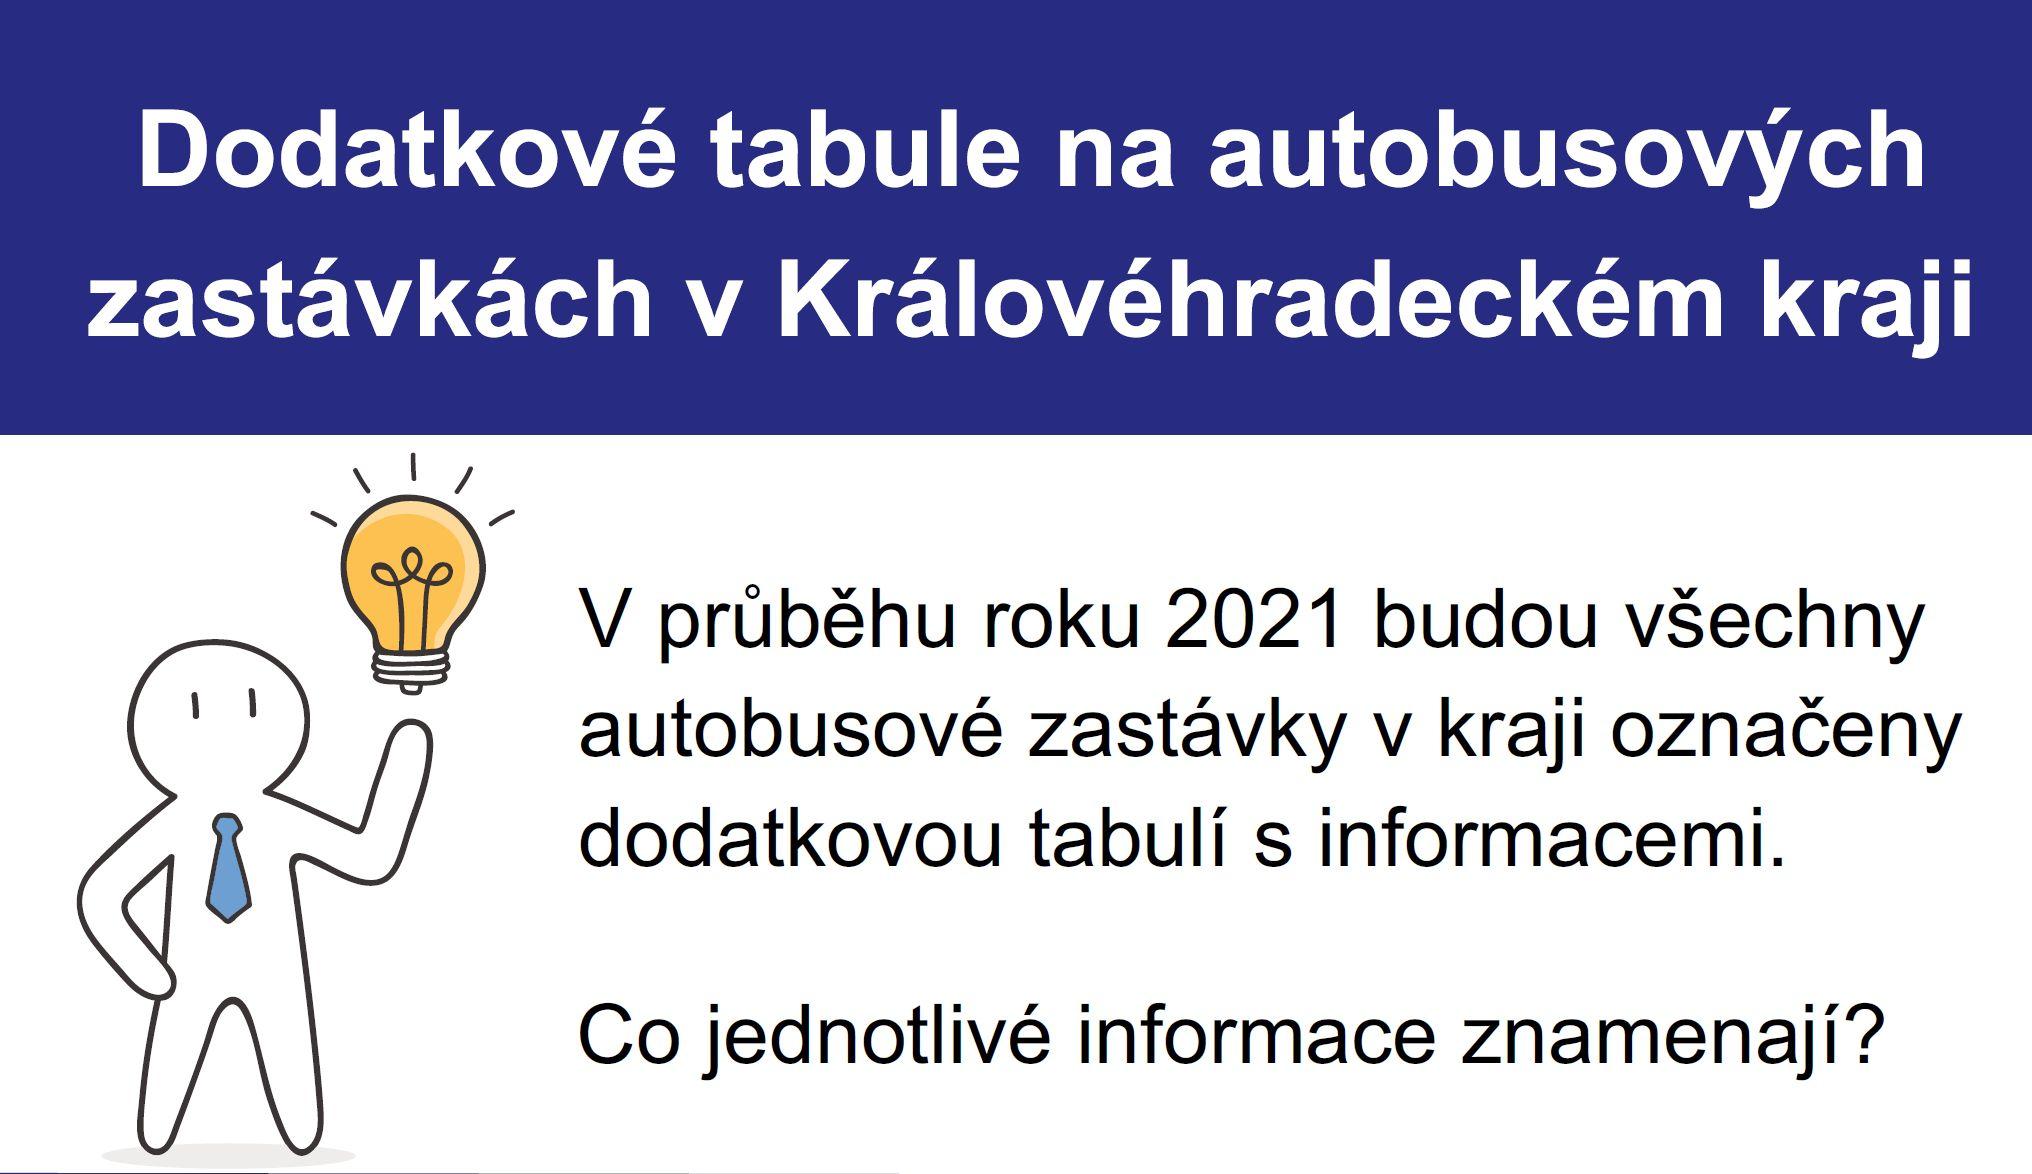 Dodatkové tabule na autobusových zastávkách v Královéhradeckém kraji